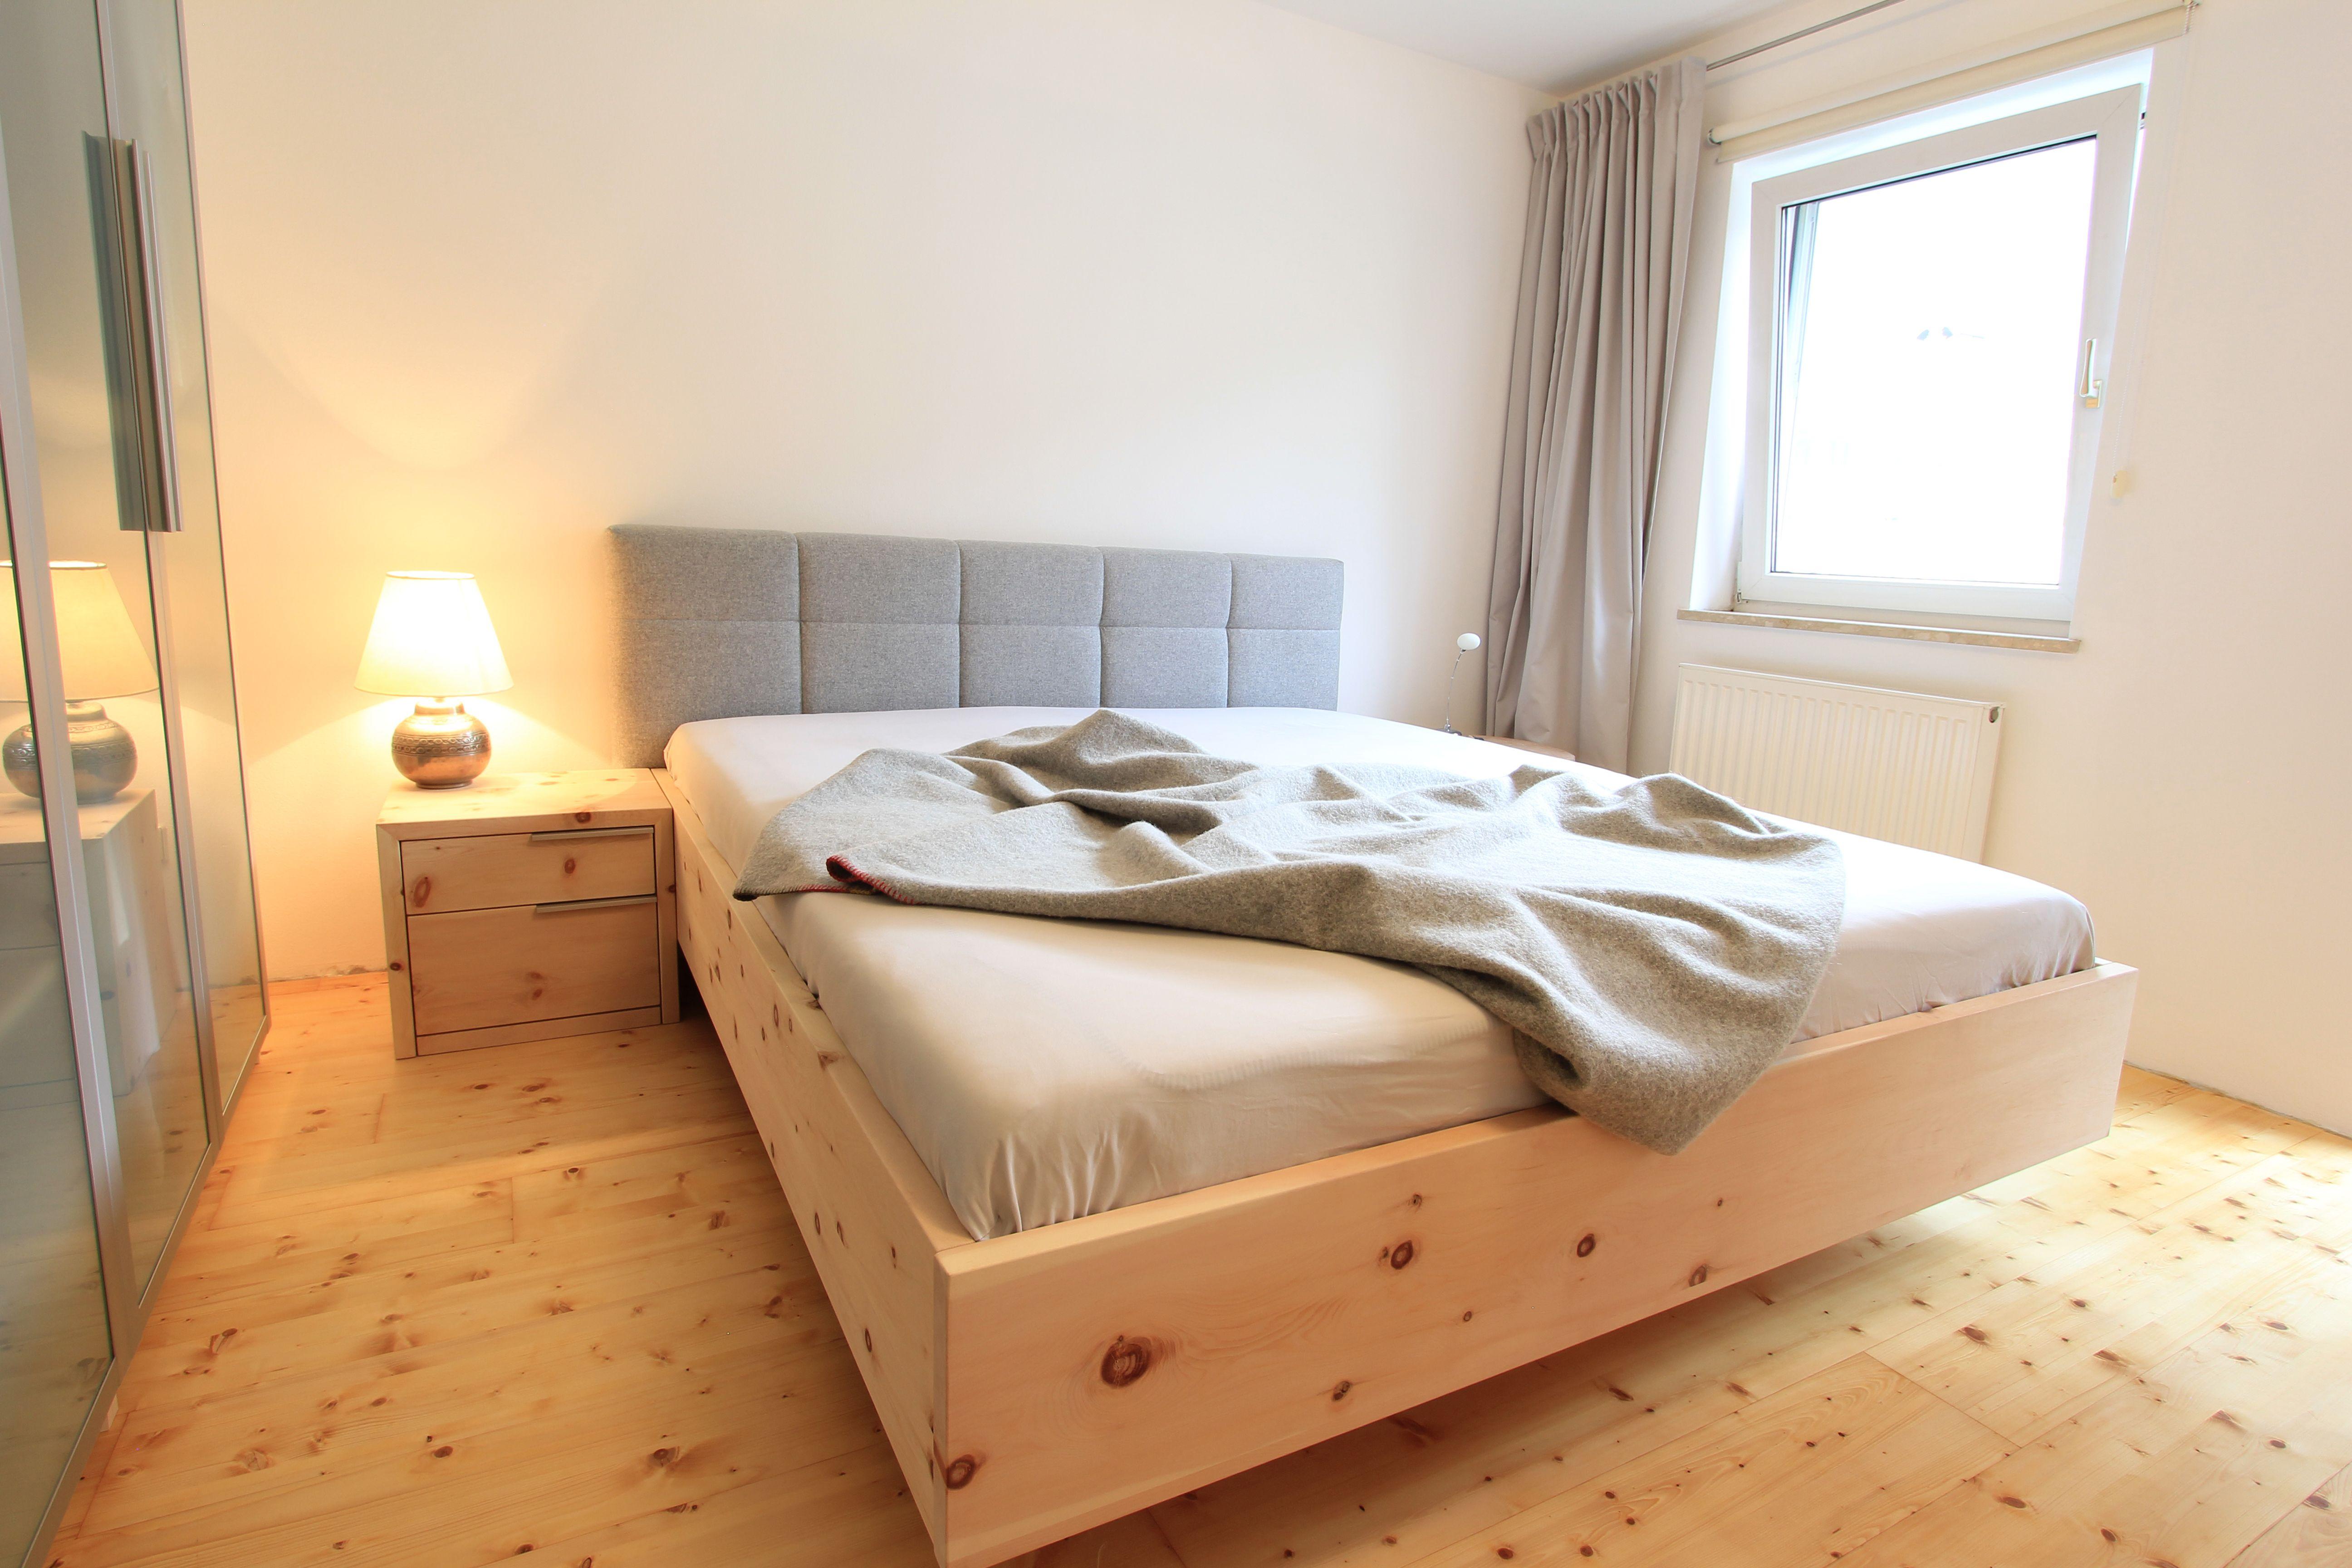 zirbenbett aus unserer tischlerei mit kopfhaupt aus hellem lodenstoff bett in schwebeoptik. Black Bedroom Furniture Sets. Home Design Ideas